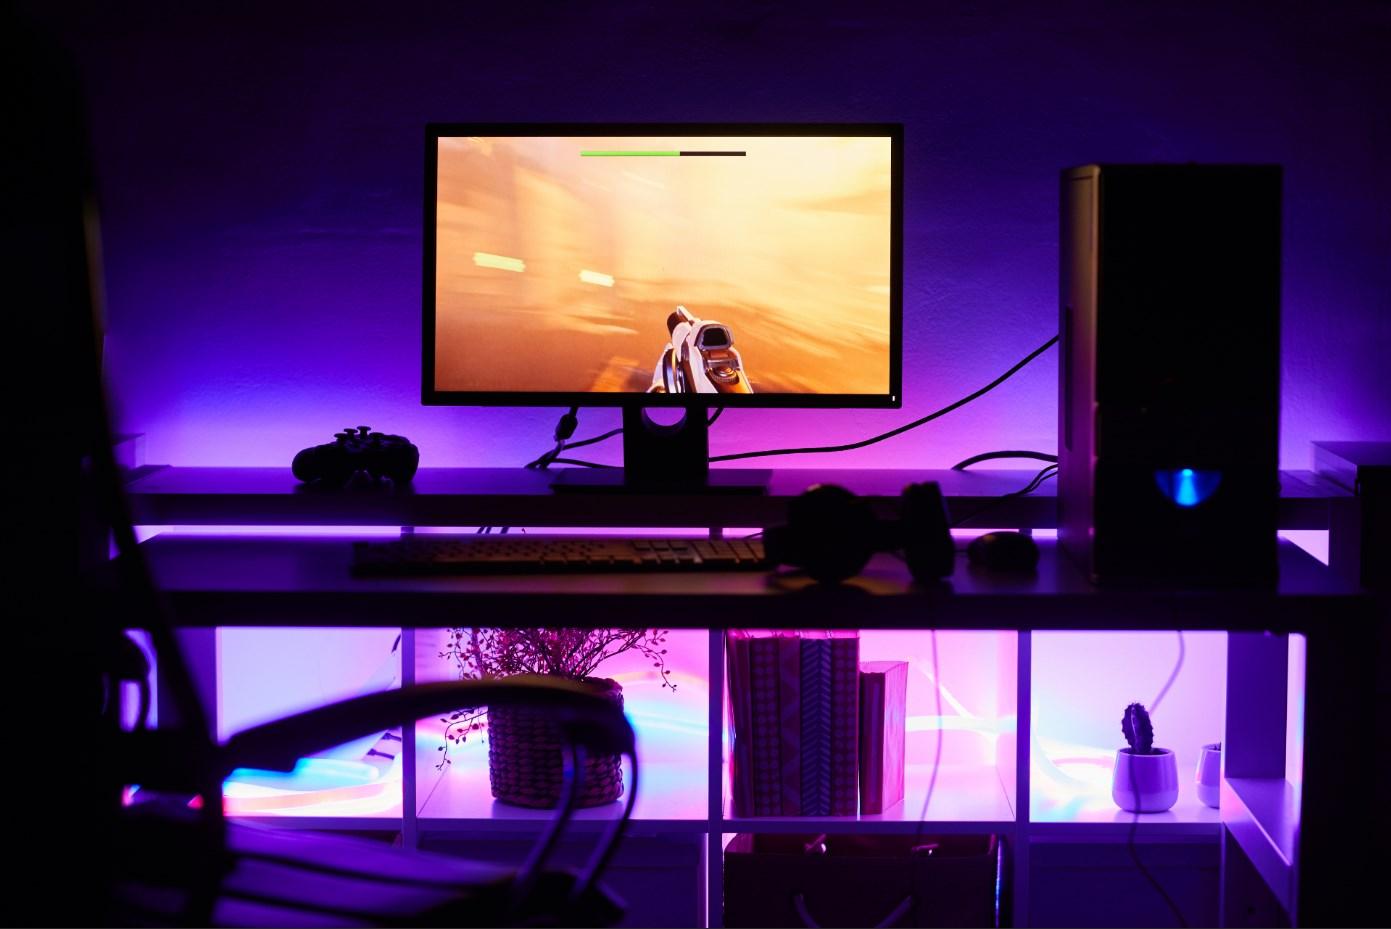 gaming-tips-hardware-setup.jpg